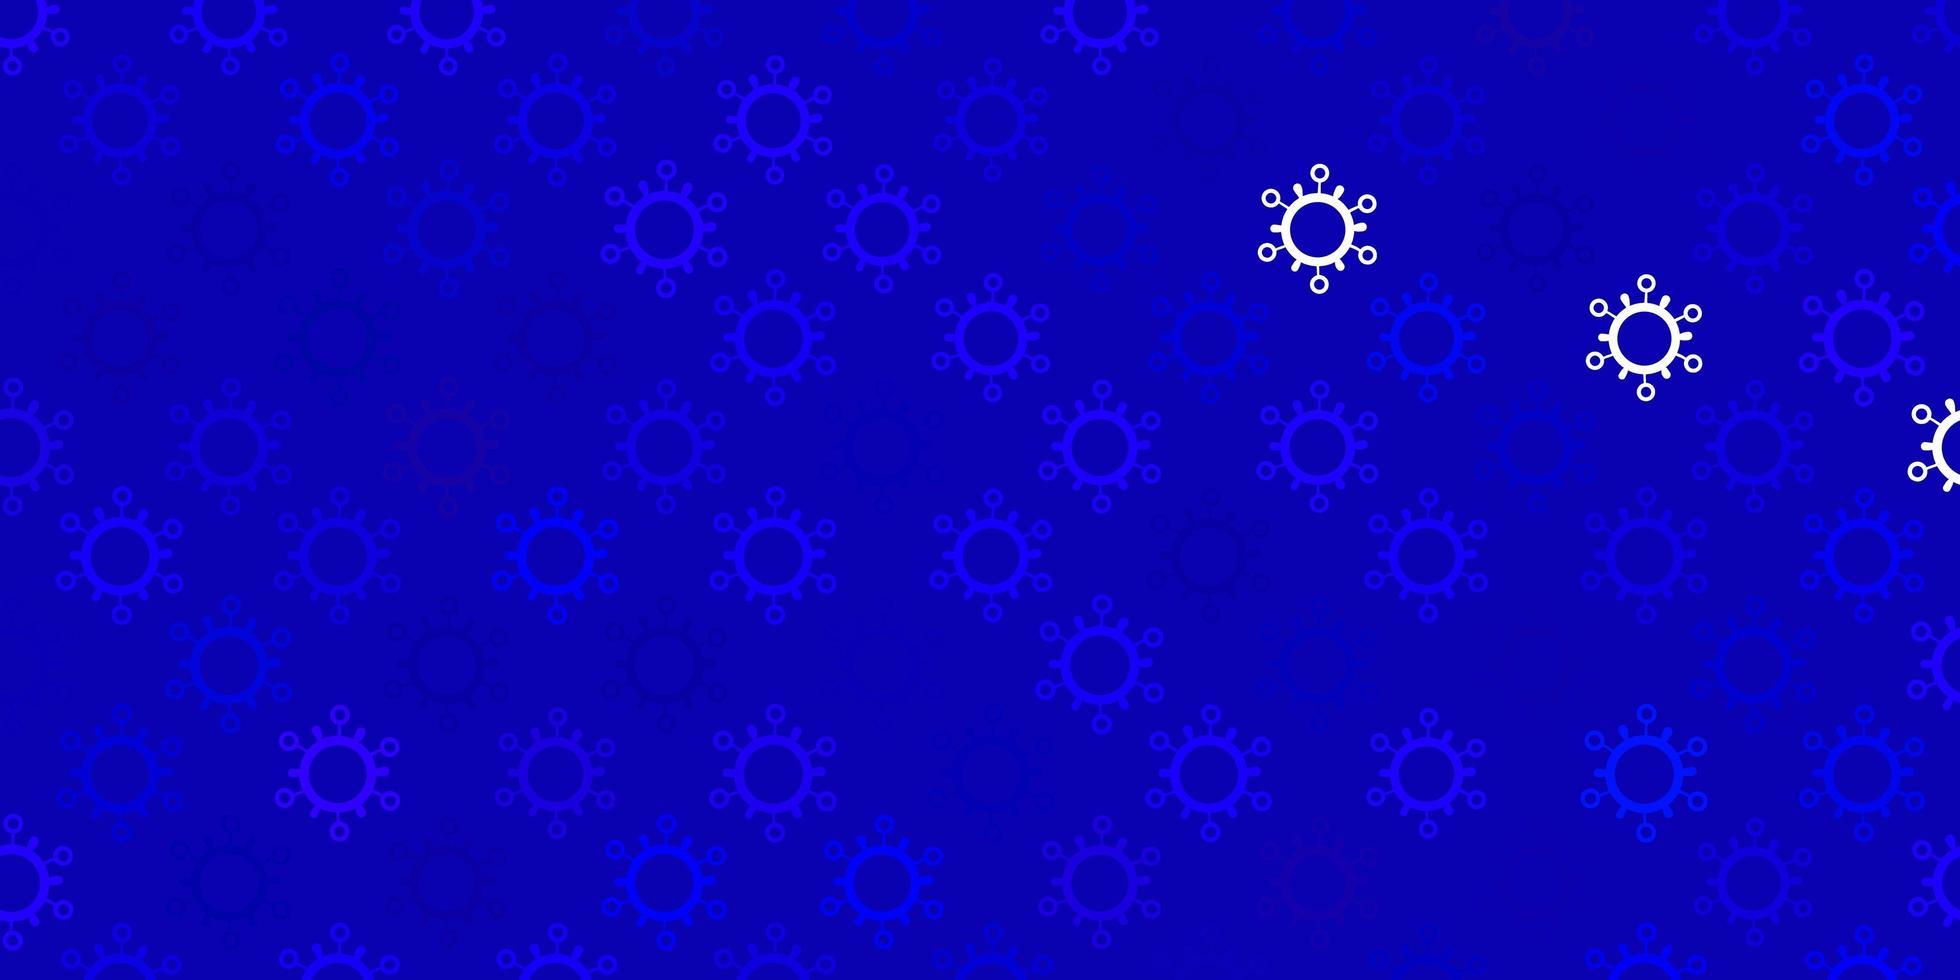 donkerroze, blauwe vectorachtergrond met virussymbolen. vector